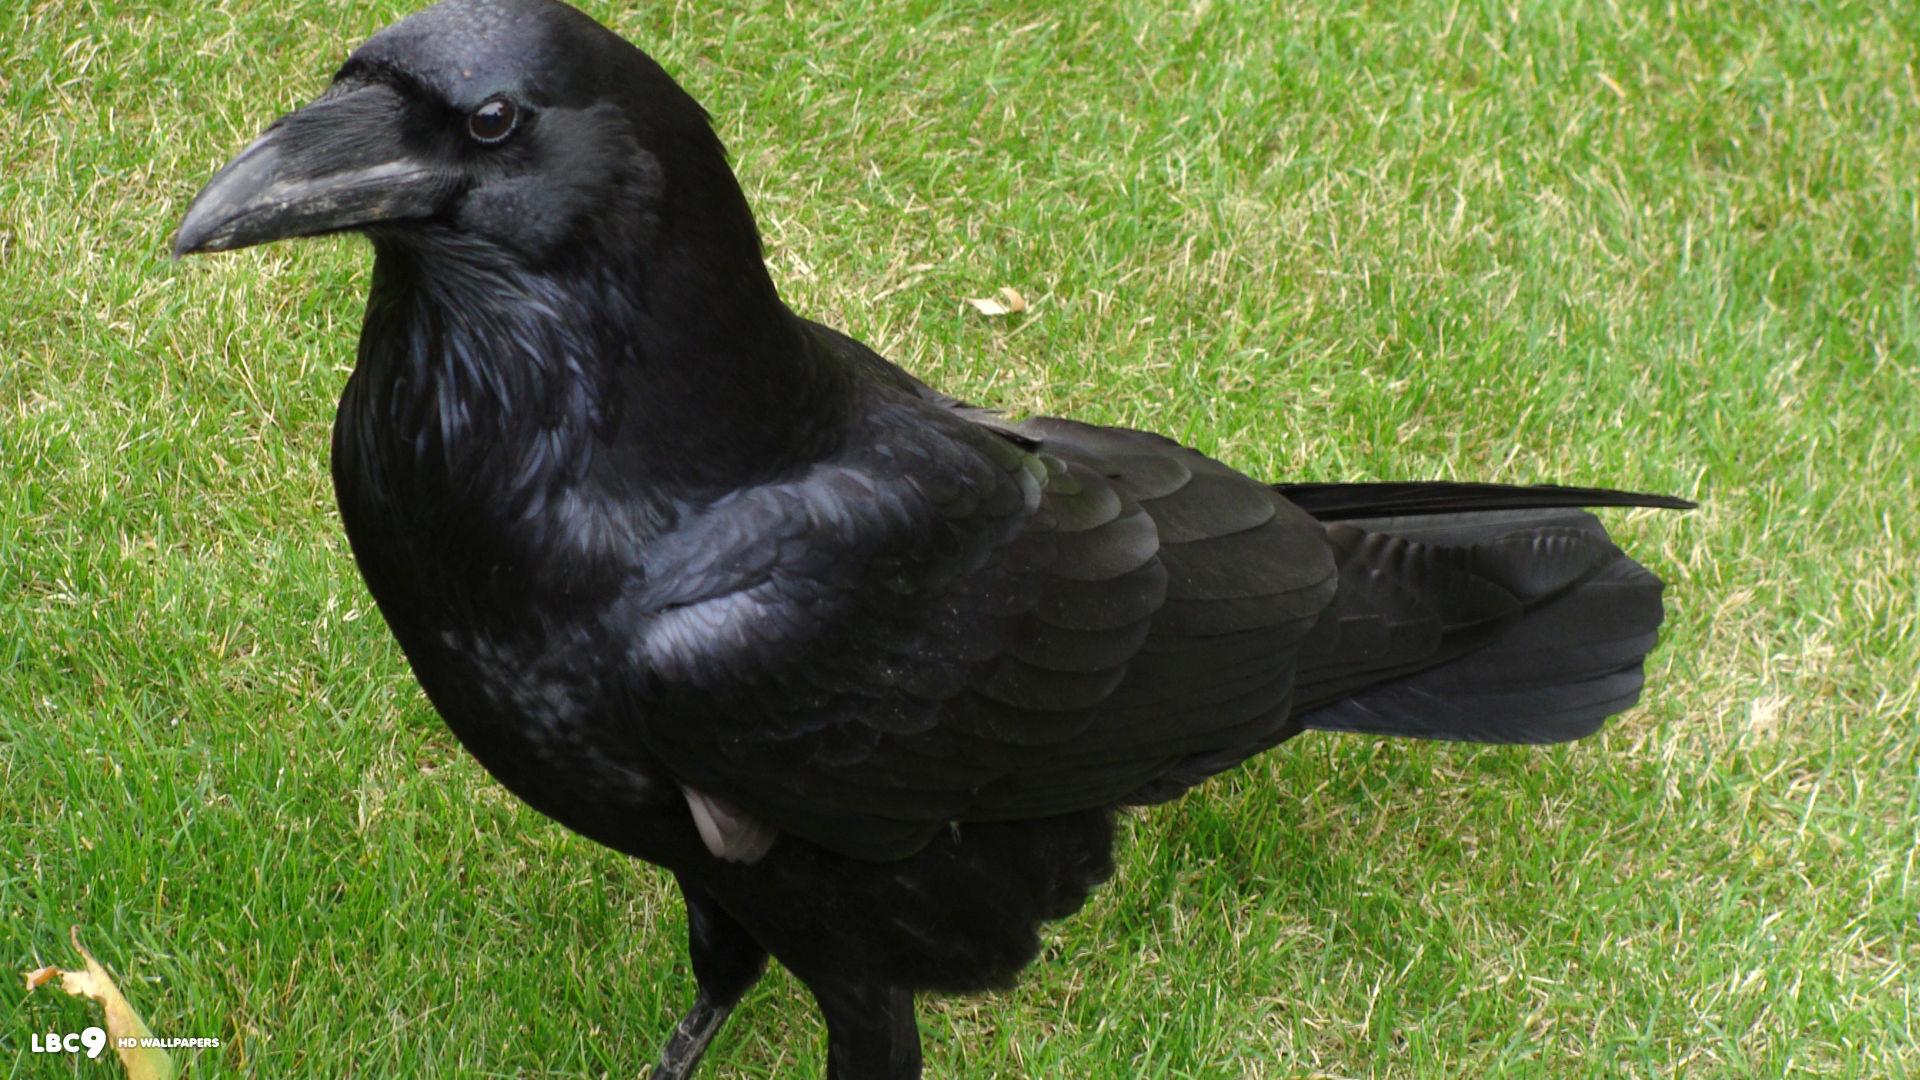 Raven6